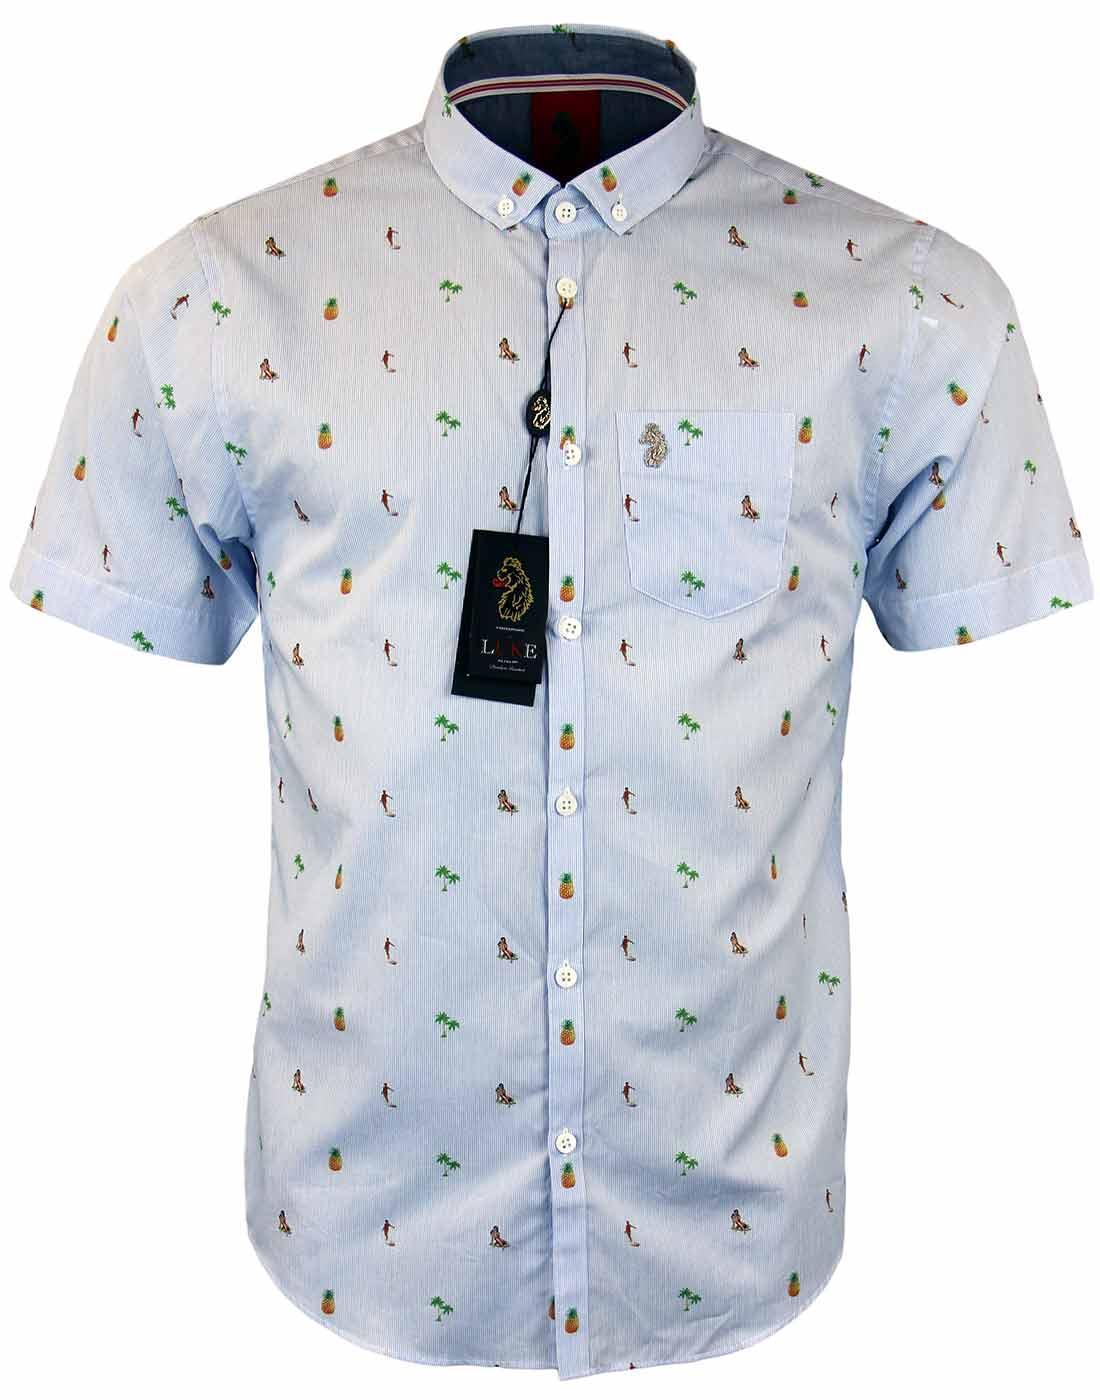 Manetti LUKE 1977 Retro 70s Indie Hawaiian Shirt